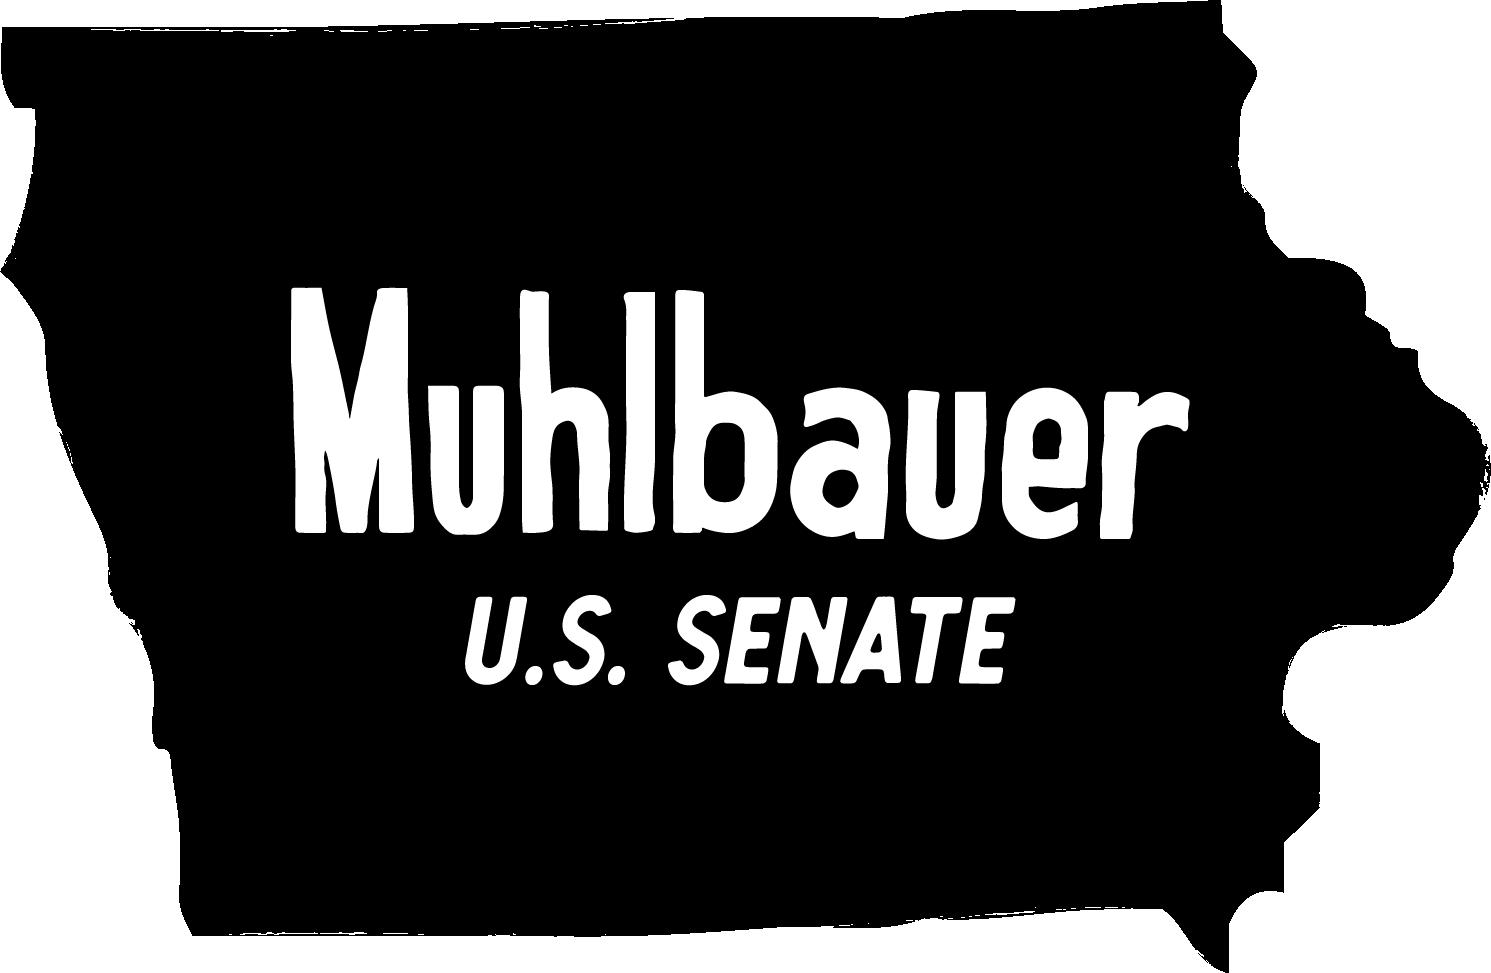 Muhlbauer for Senate logo